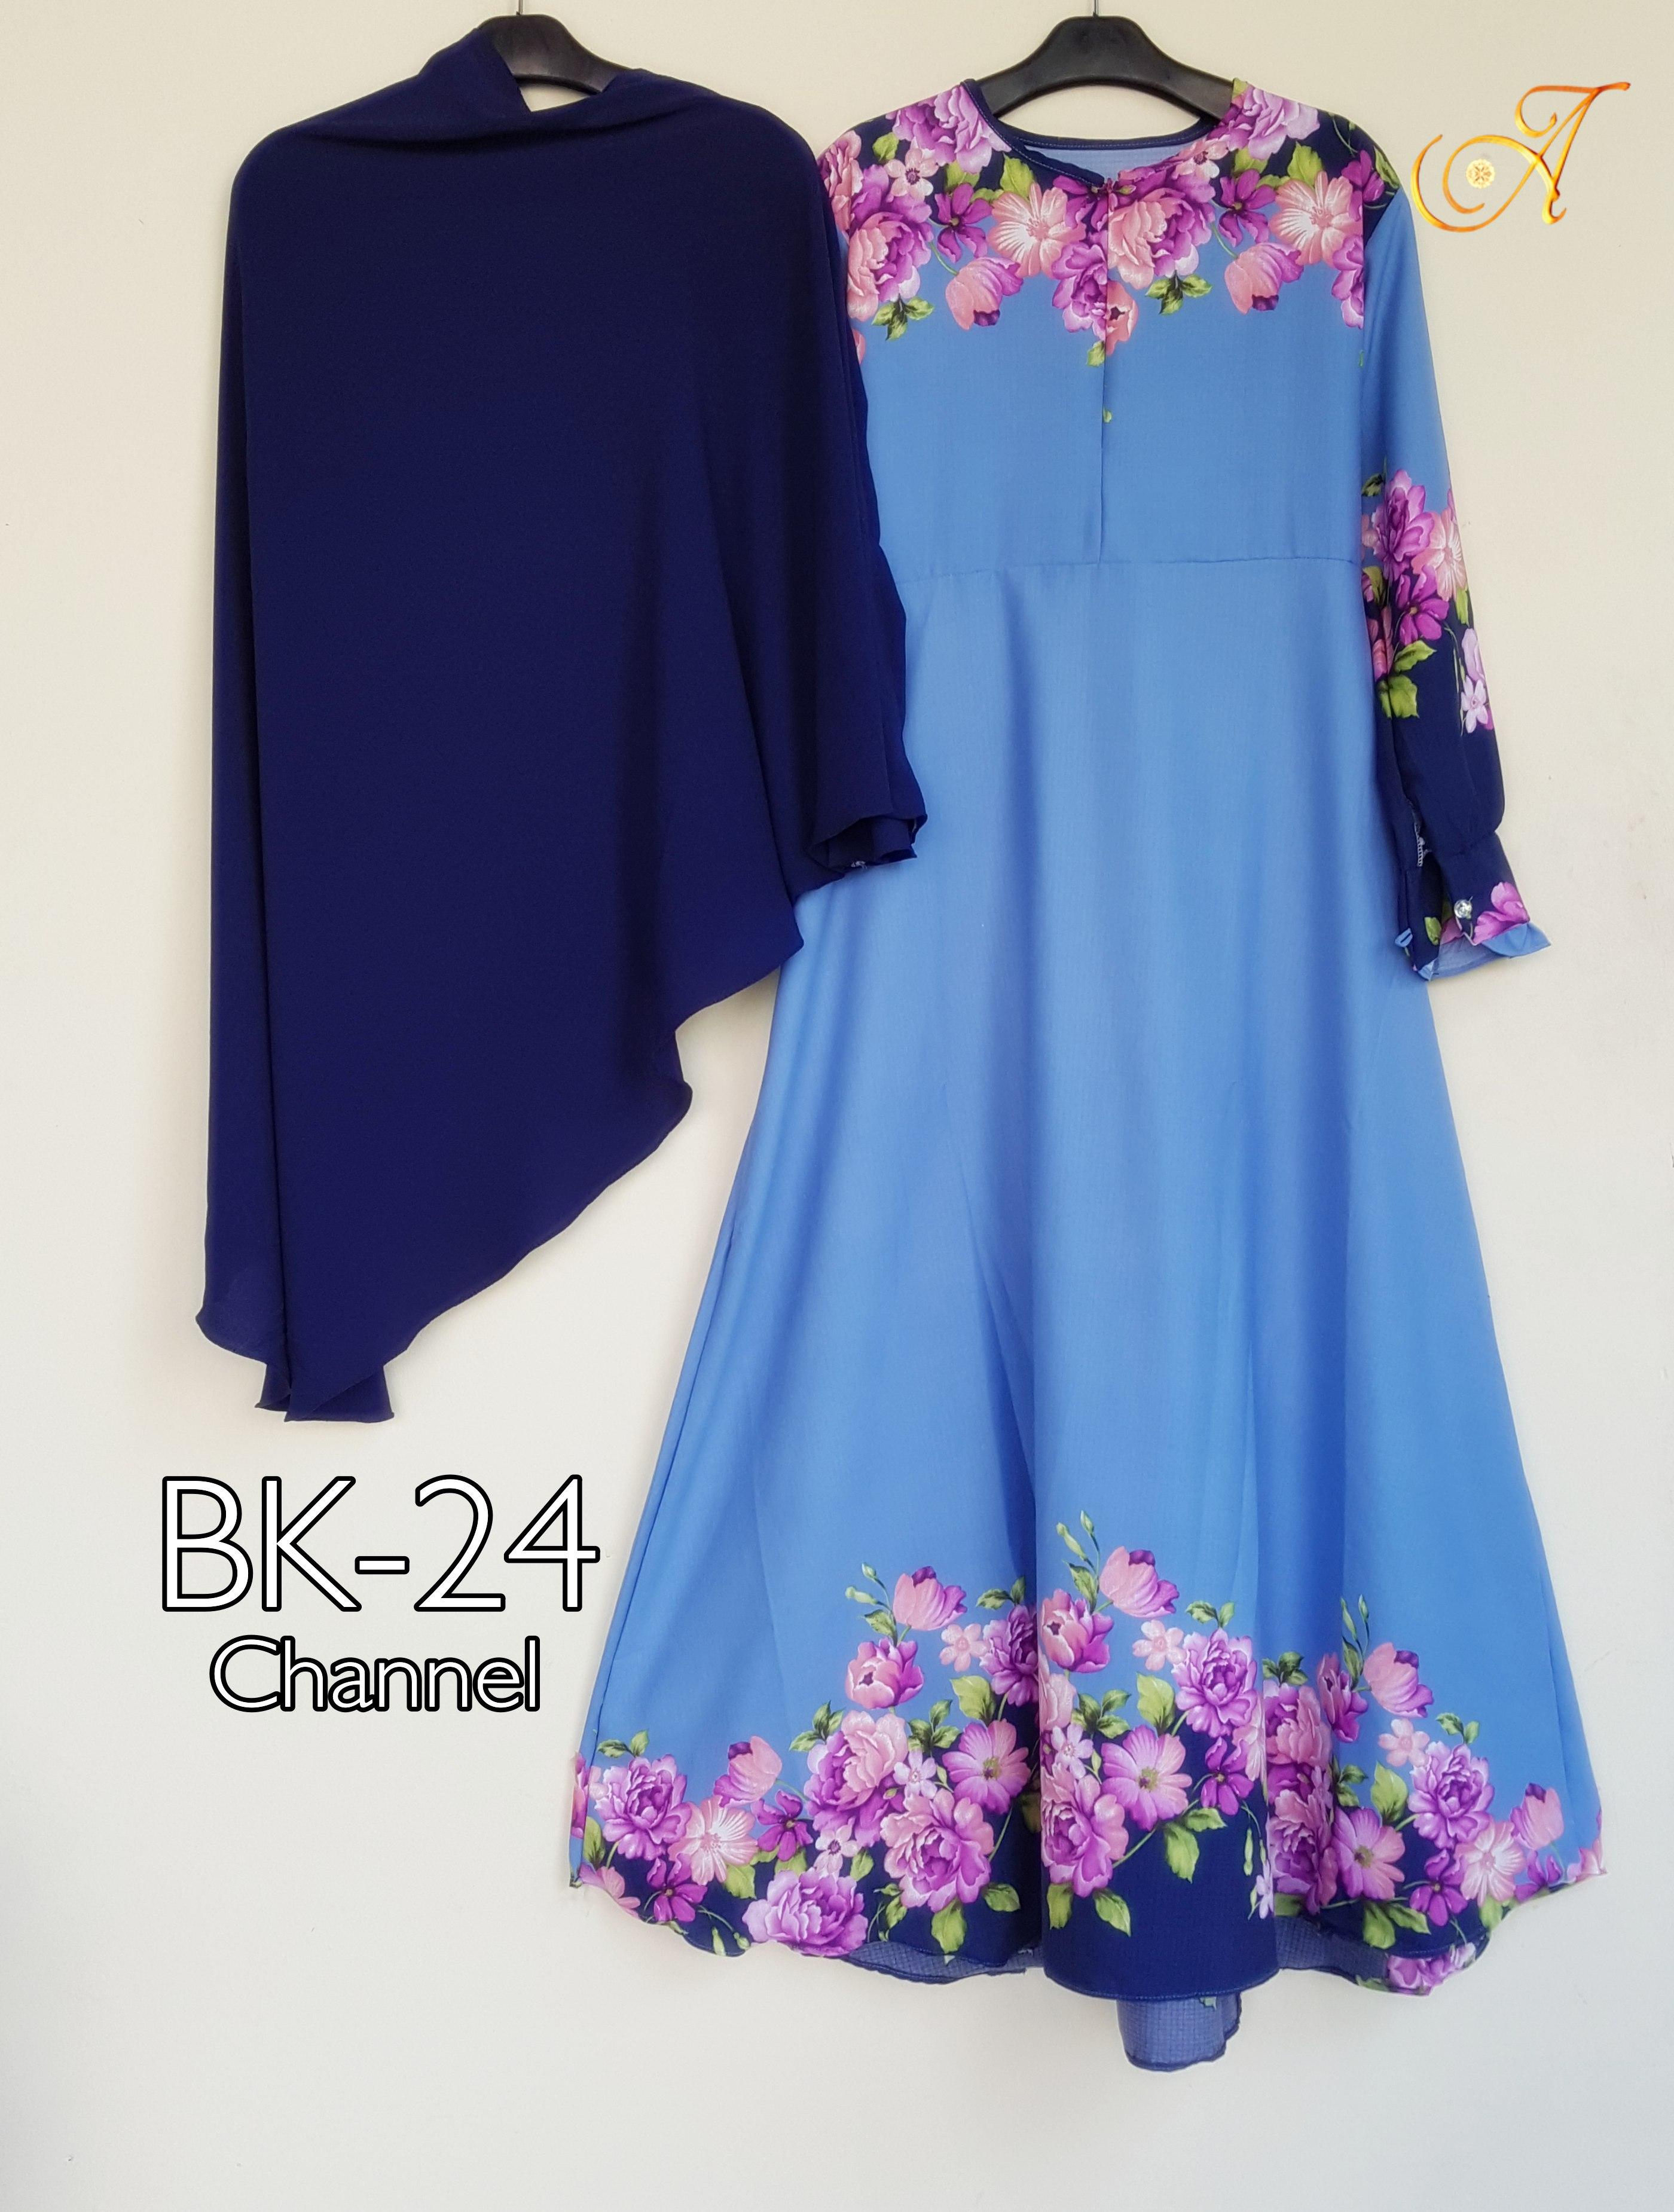 BK-24 biru